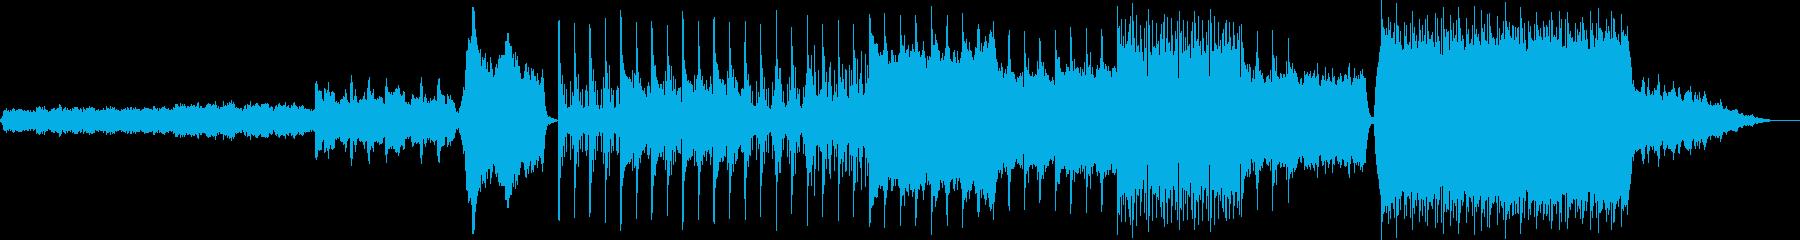 和の映像イメージの再生済みの波形